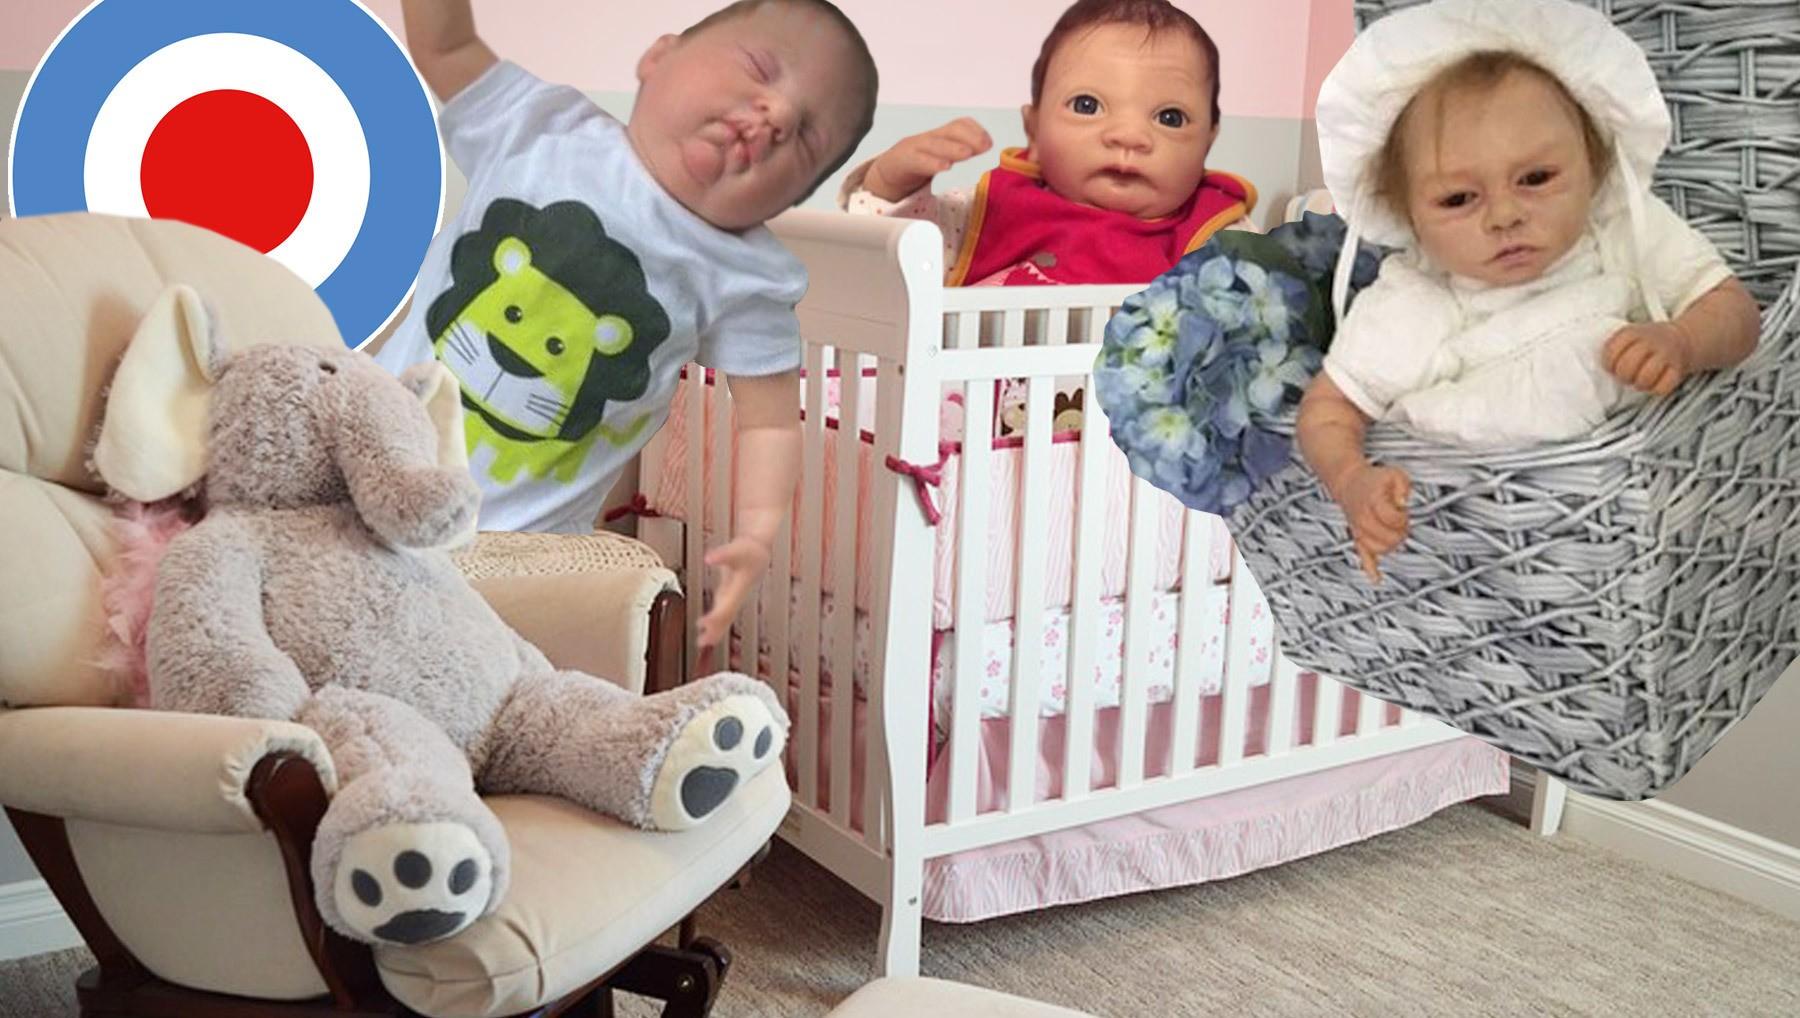 Kinderzimmer einrichten tipps zum nest bauen netdoktor at